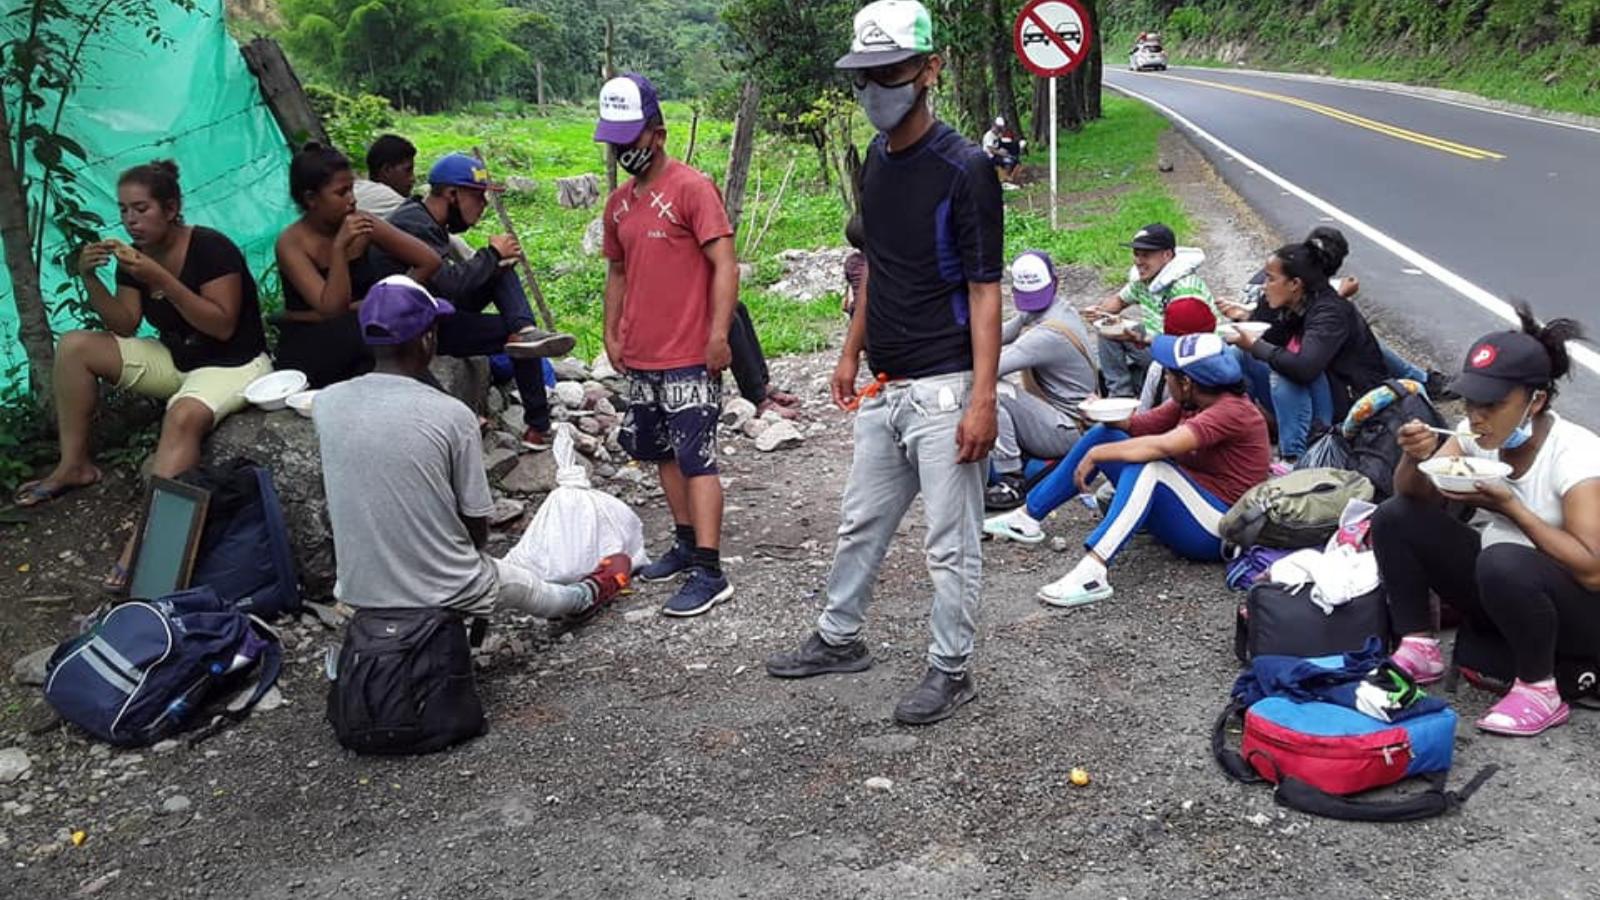 EN VIVO | Conozca cómo viven los migrantes venezolanos en Colombia